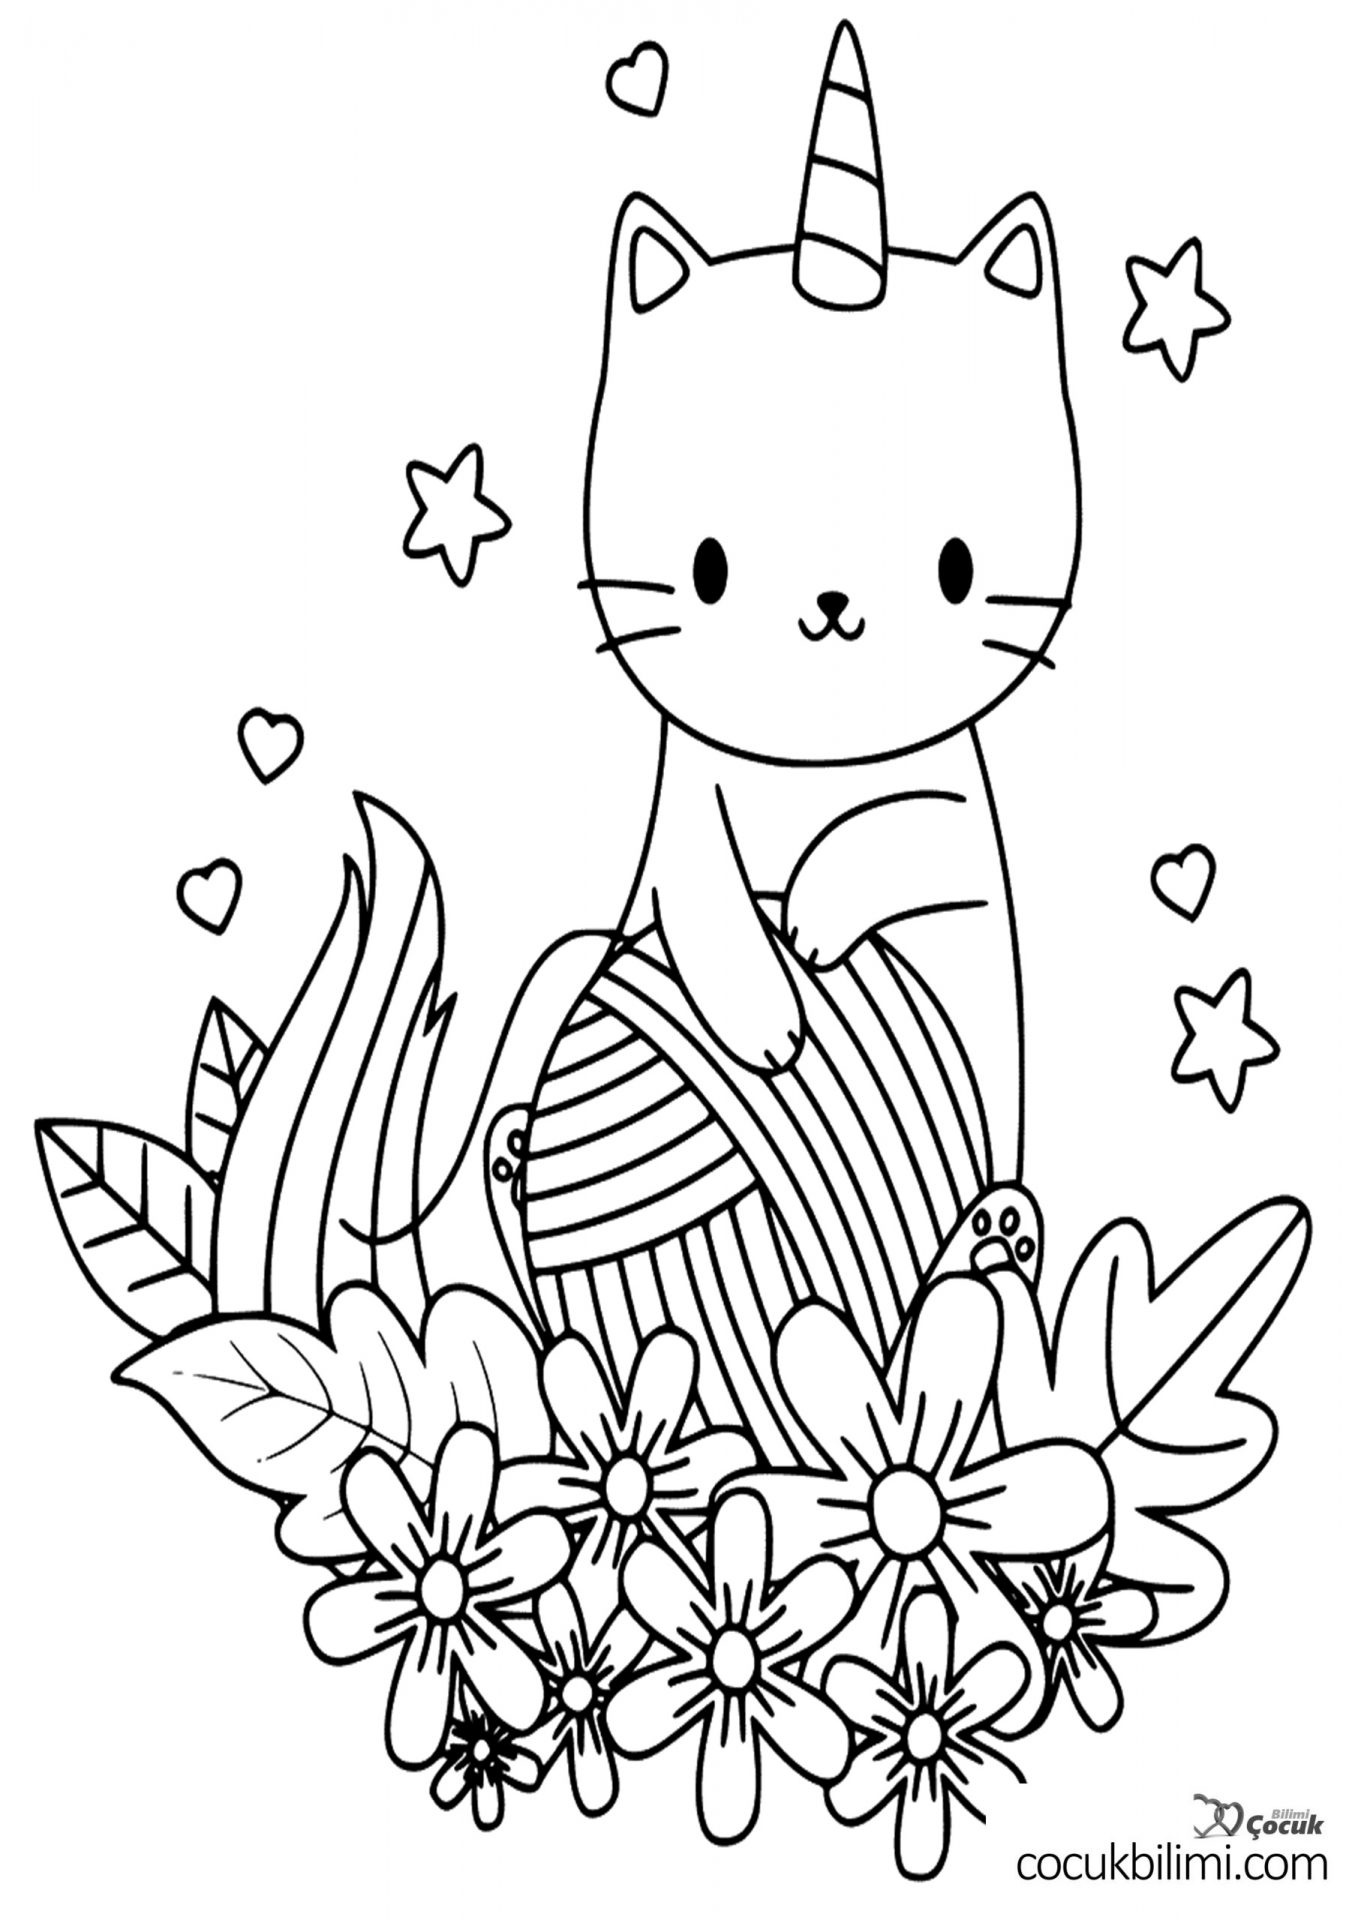 unicorn-kedi-boyama